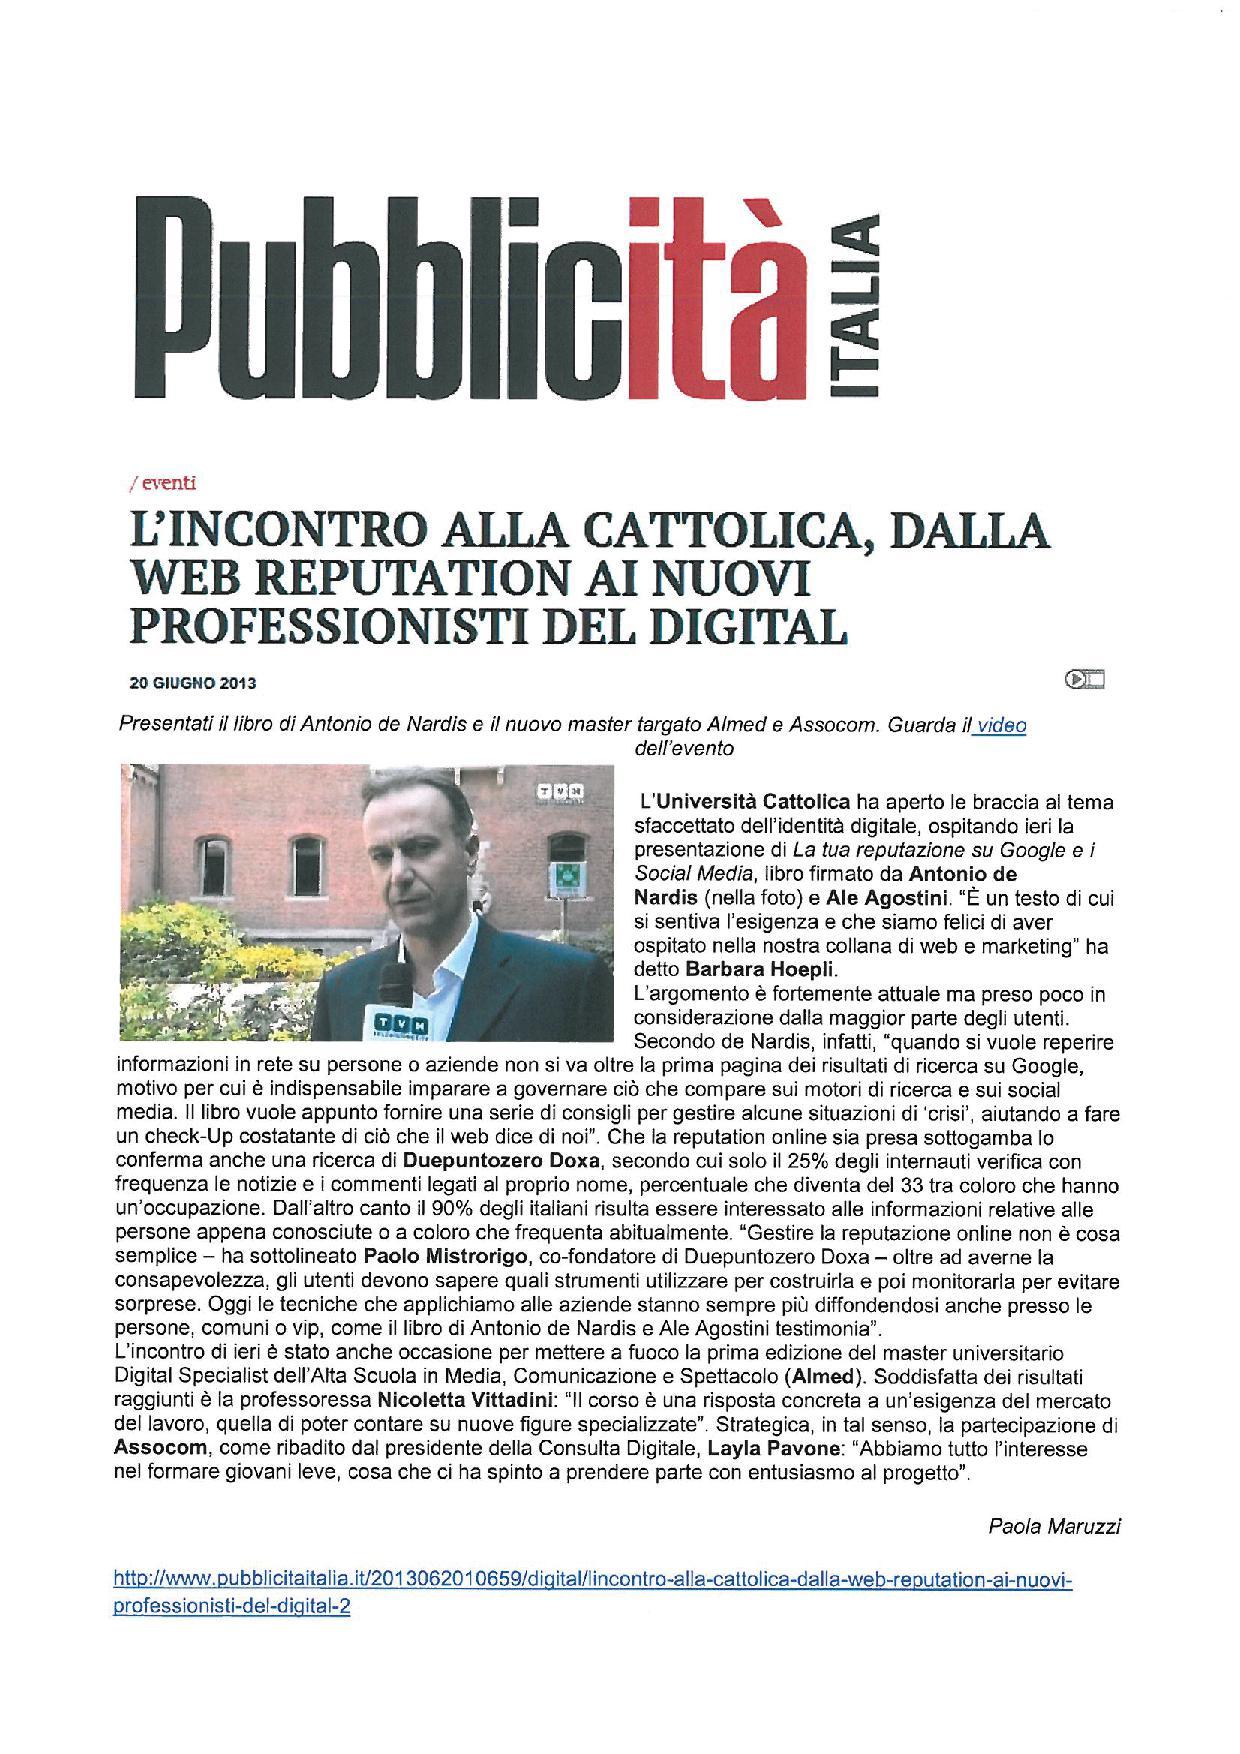 Pubblicitaitalia.it, 20 giugno 2013